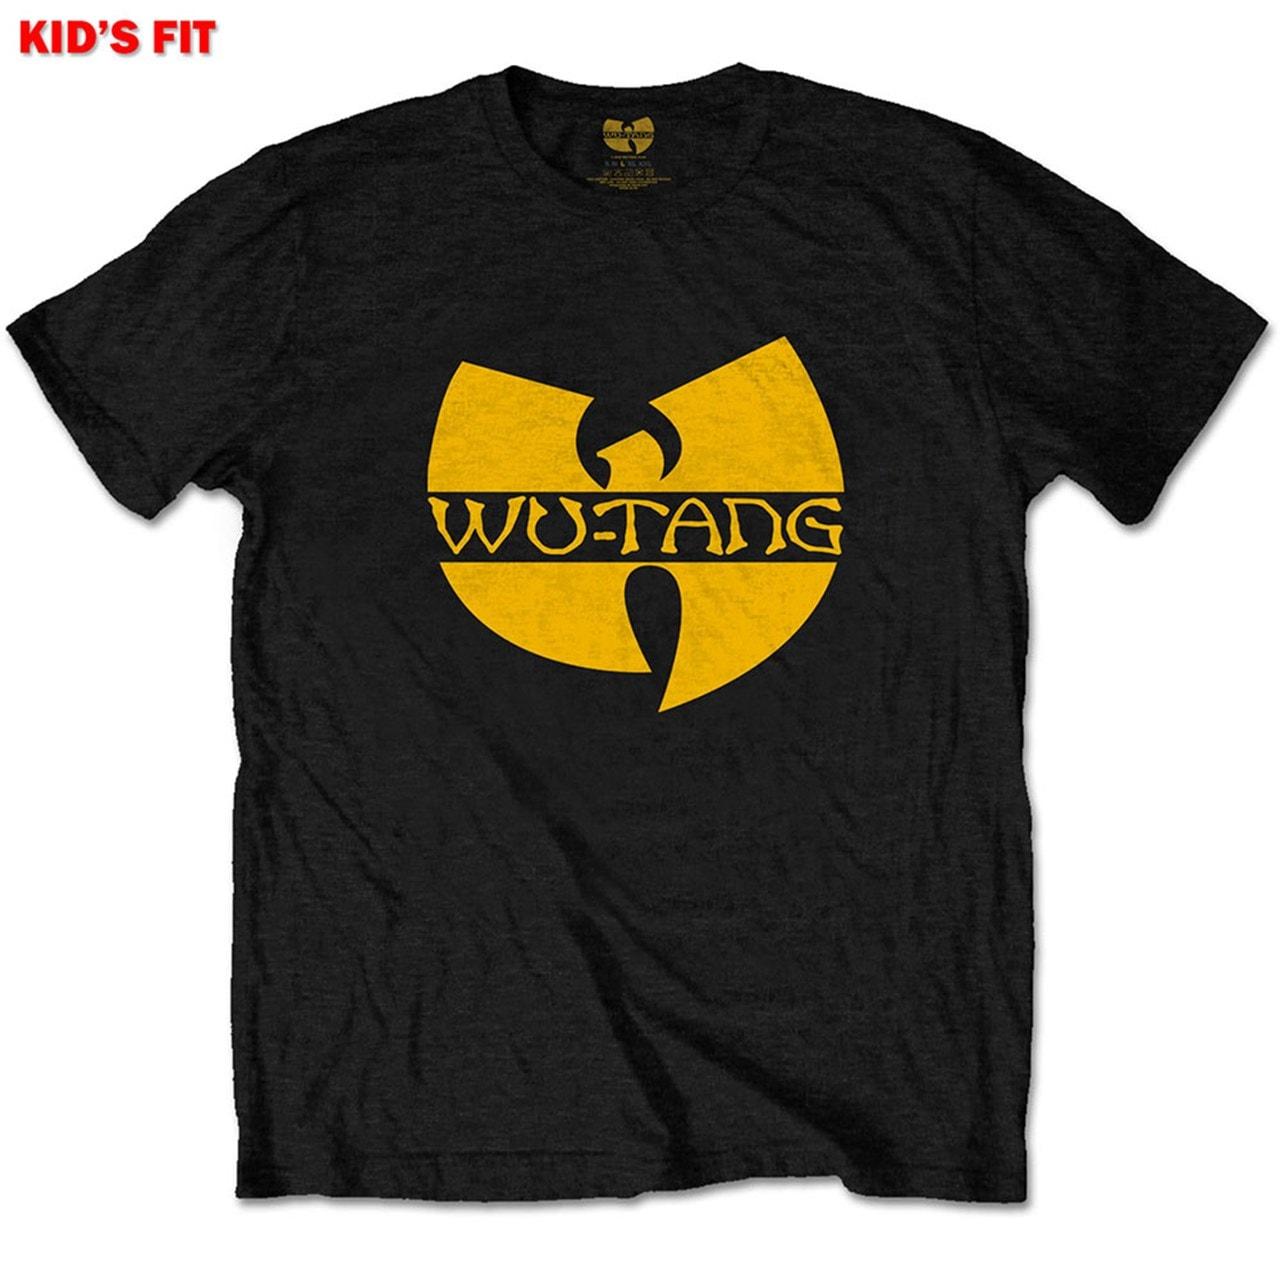 Wu Tang Clan Logo (Kids Tee) (3-4YR) - 1